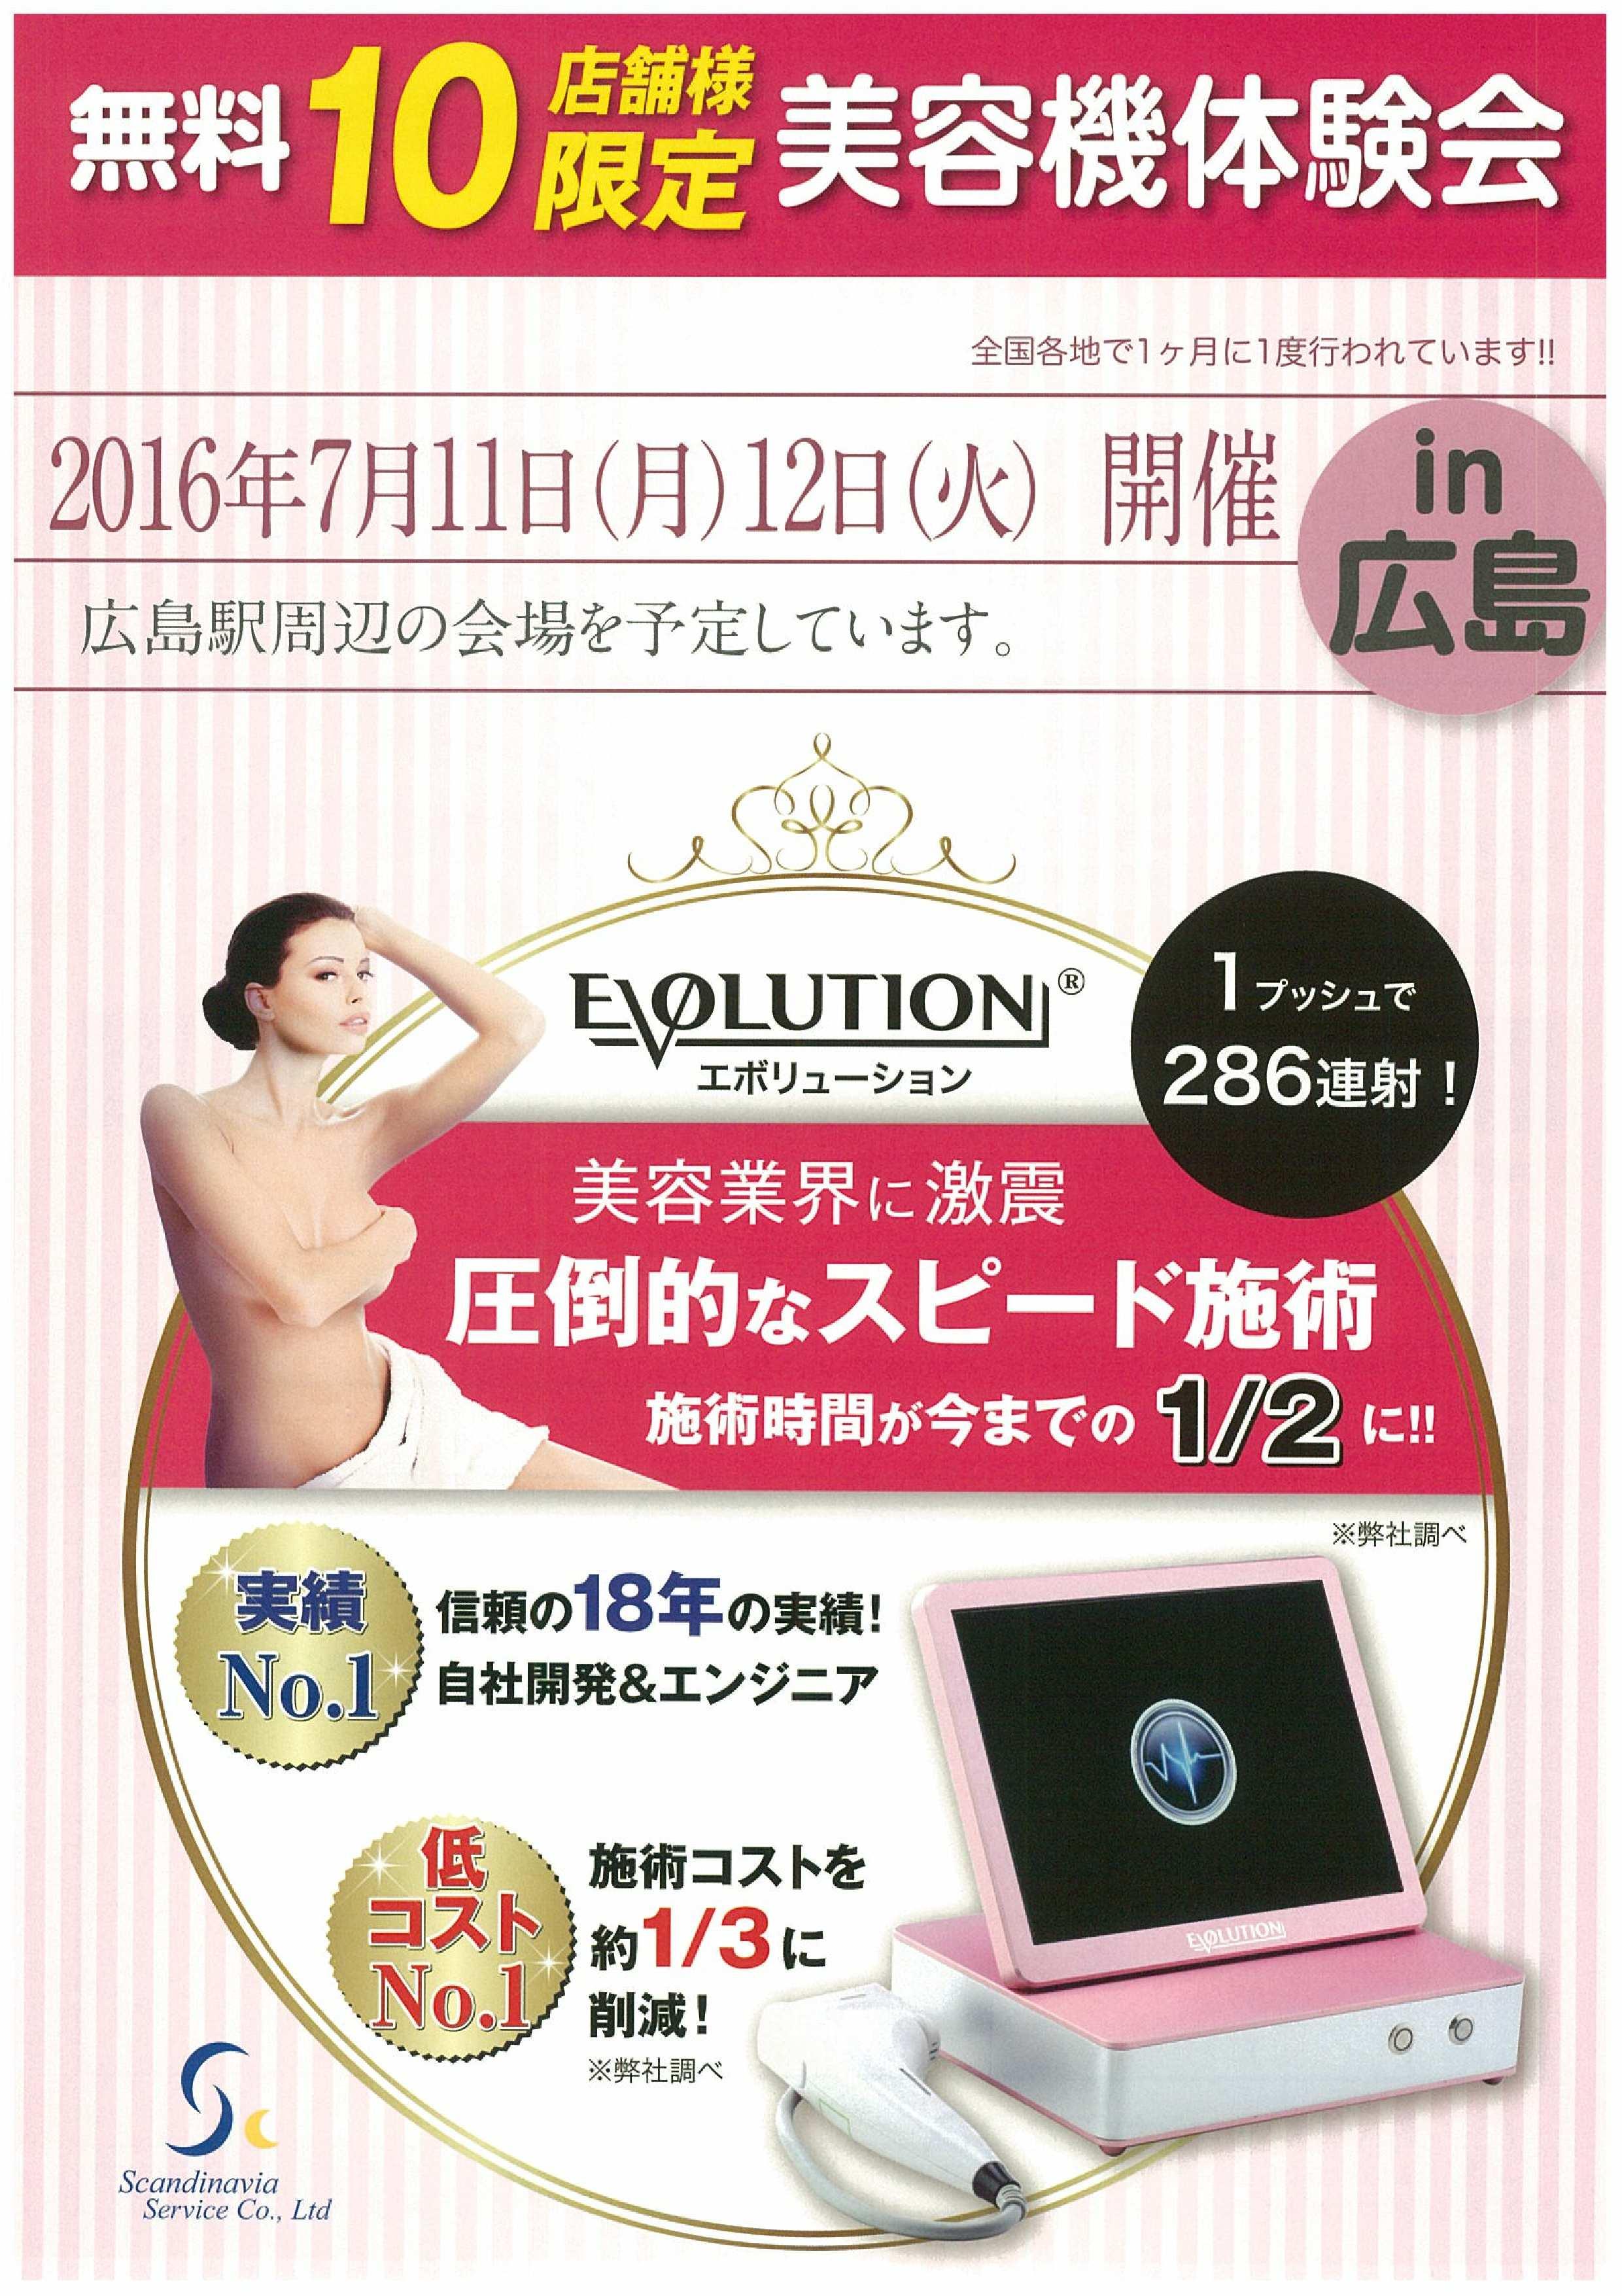 先着10サロン様限定の美容機器無料体験会 in広島